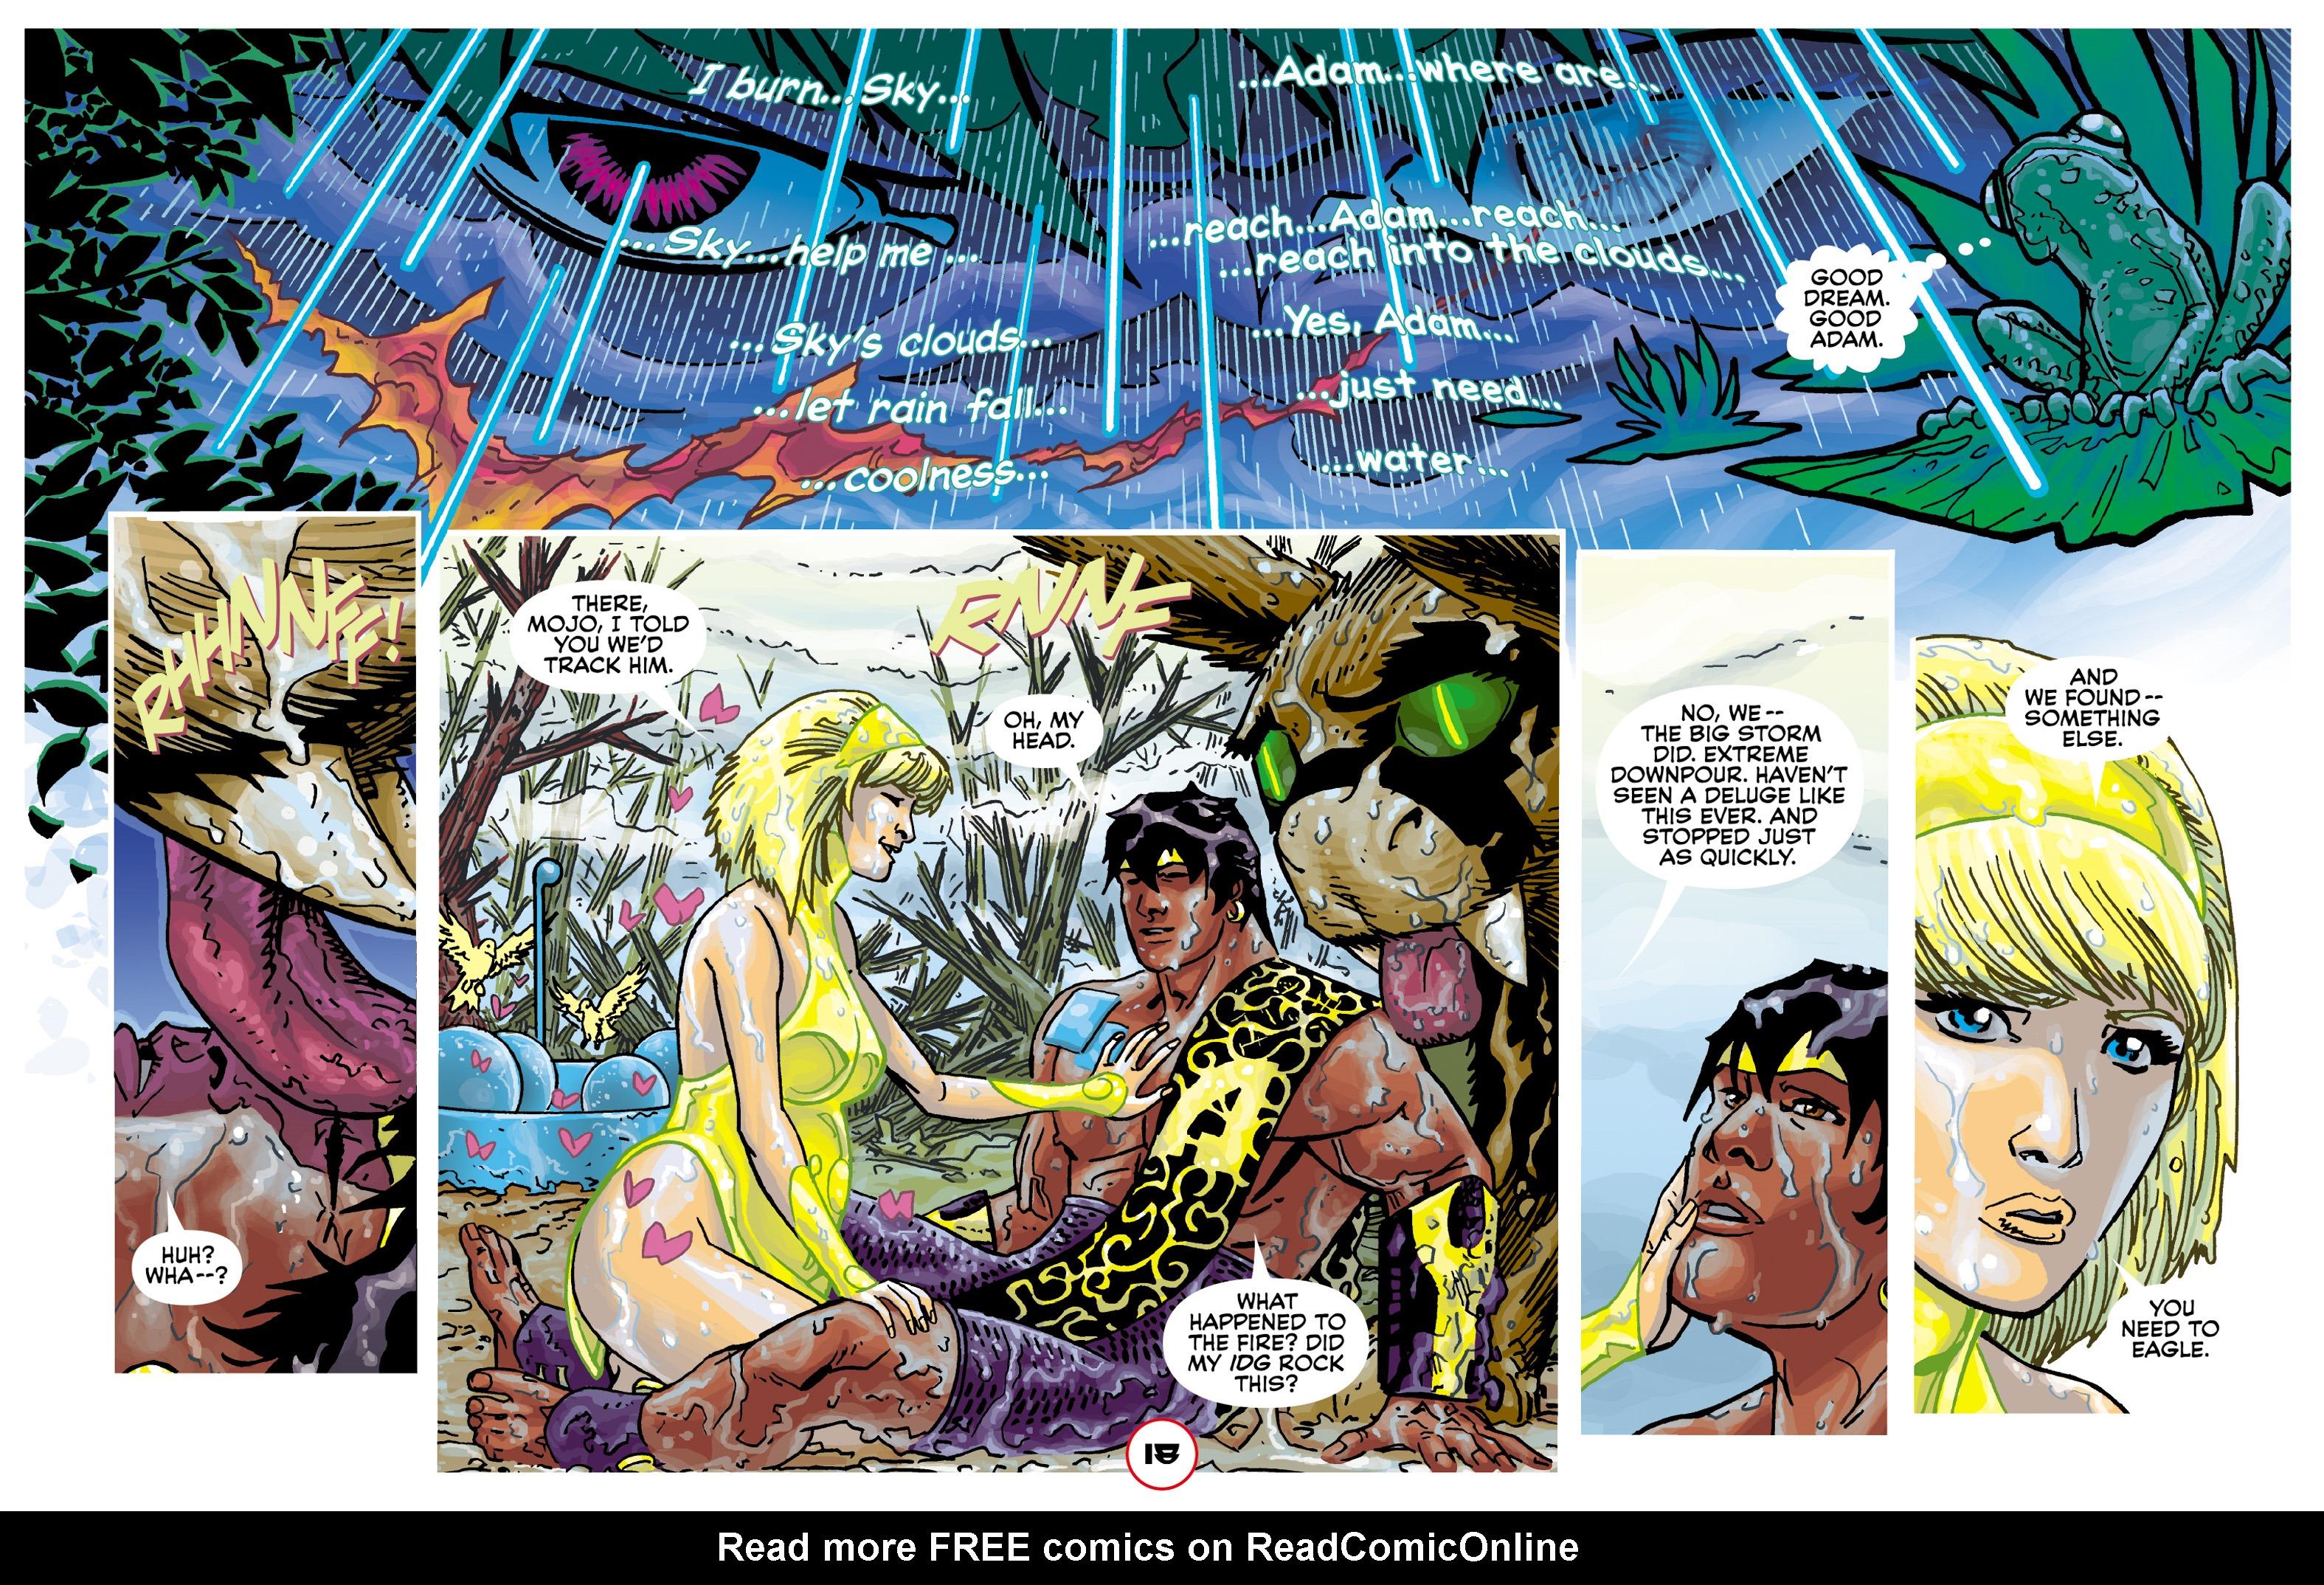 Read online Adam.3 comic -  Issue #2 - 20